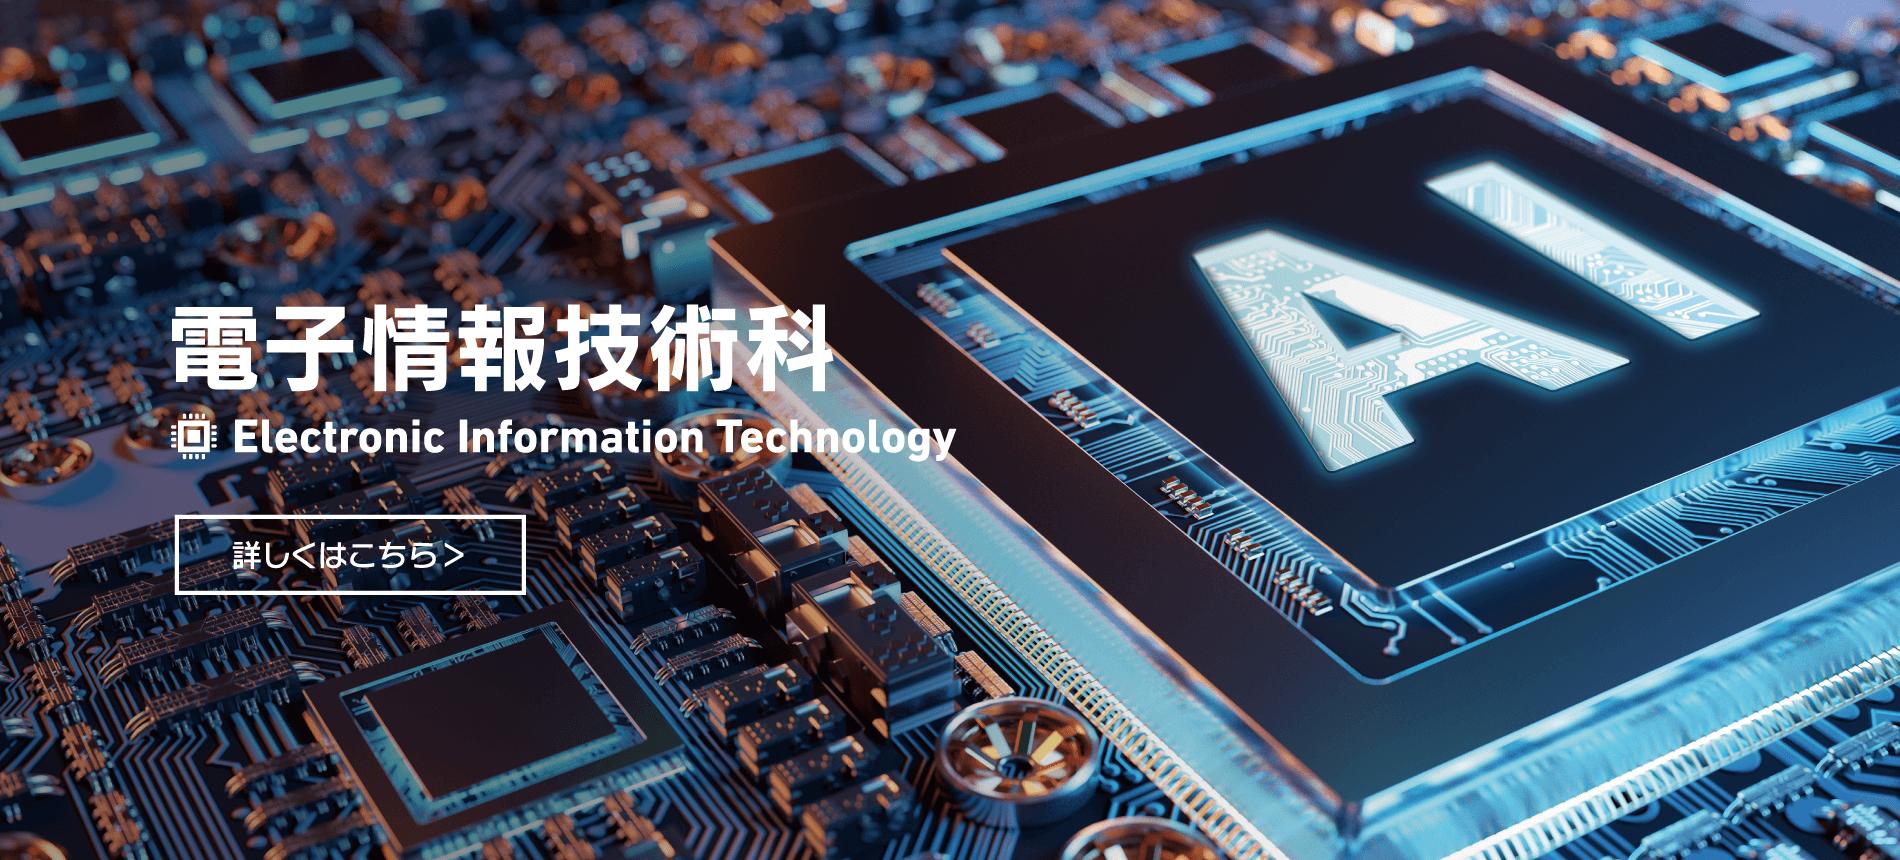 電子情報技術科